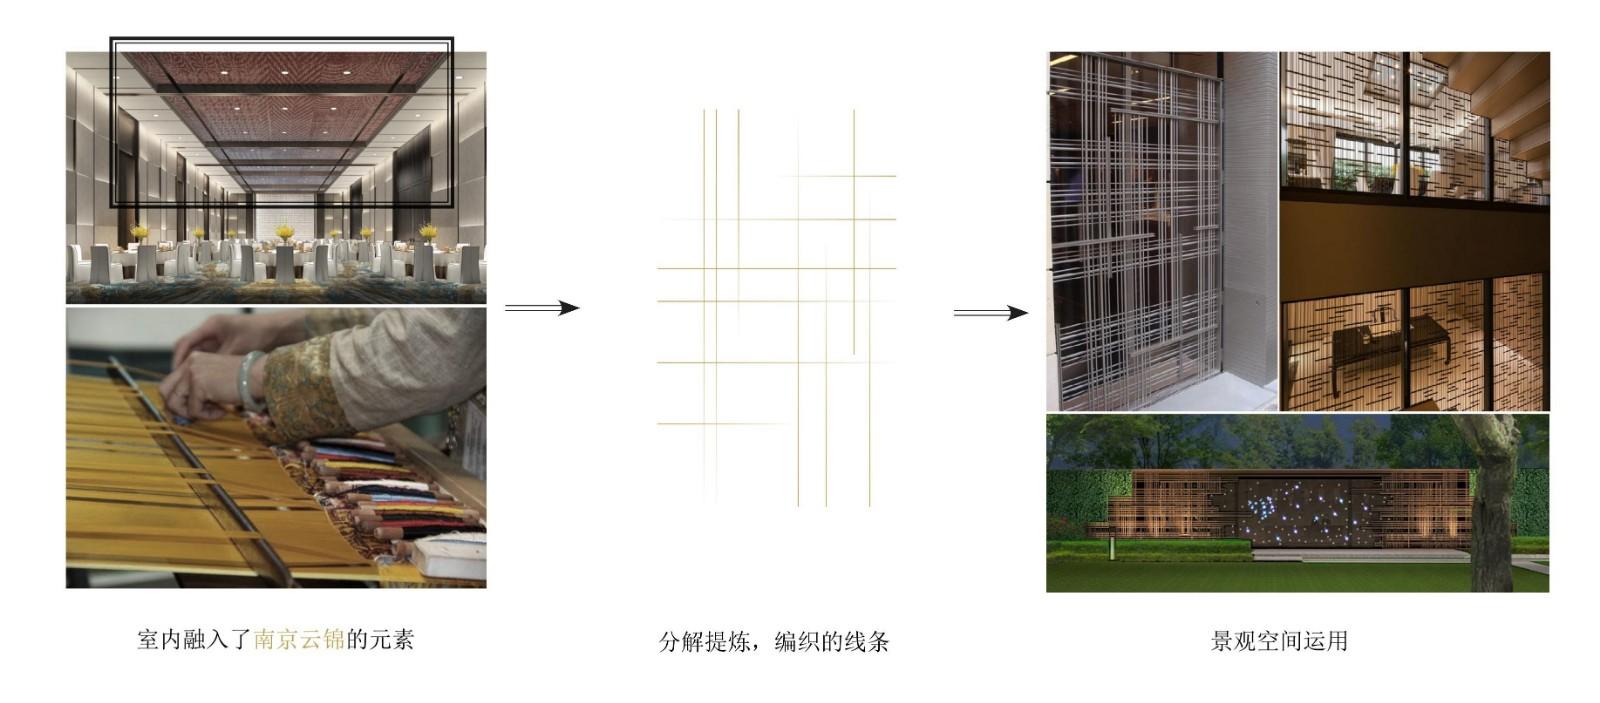 南京酒店方案文本190506(150P)_20.jpg